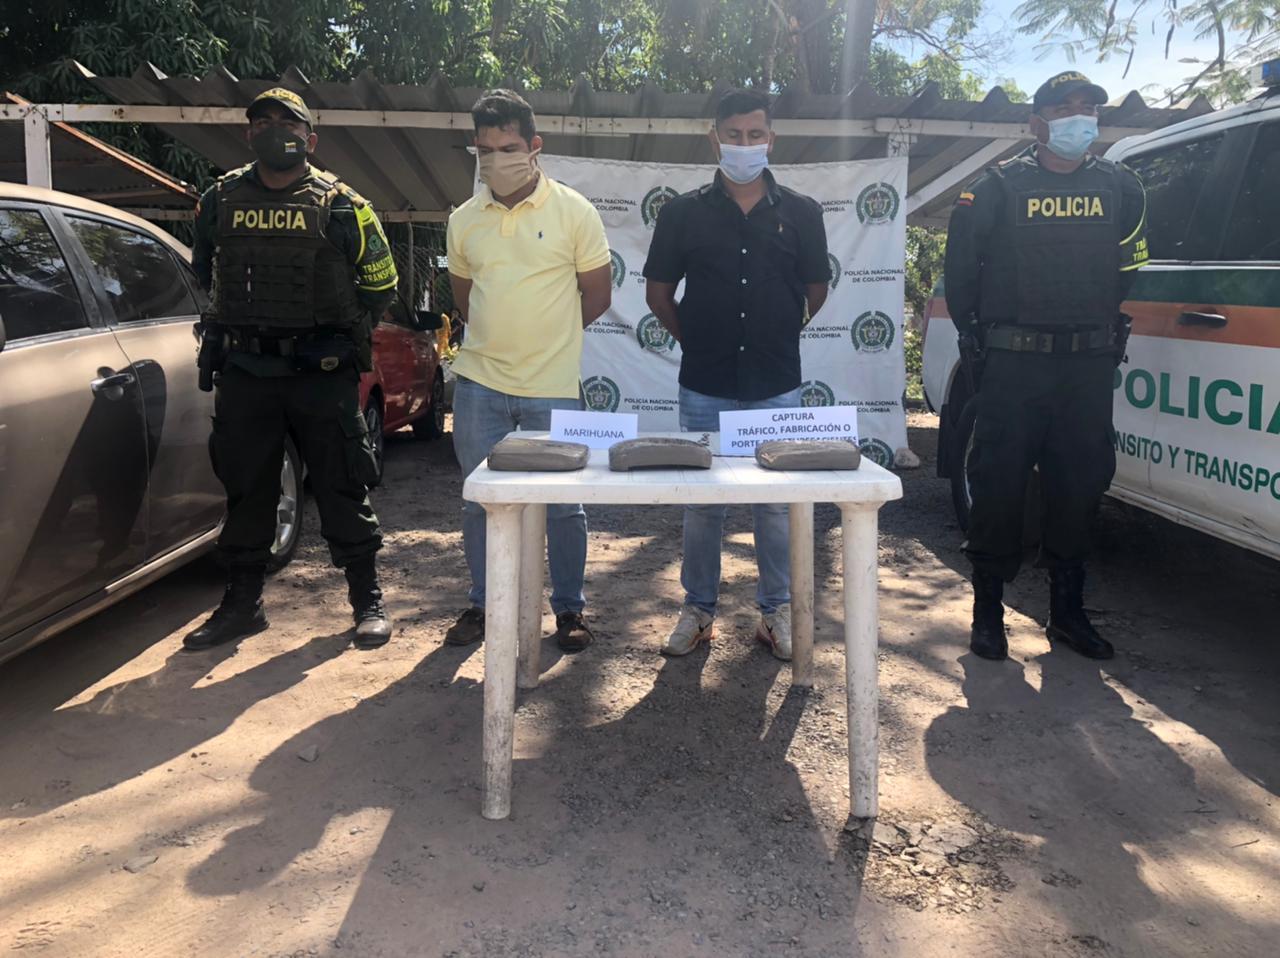 https://www.notasrosas.com/Policía Cesar los captura con más de mil quinientas dosis de marihuana